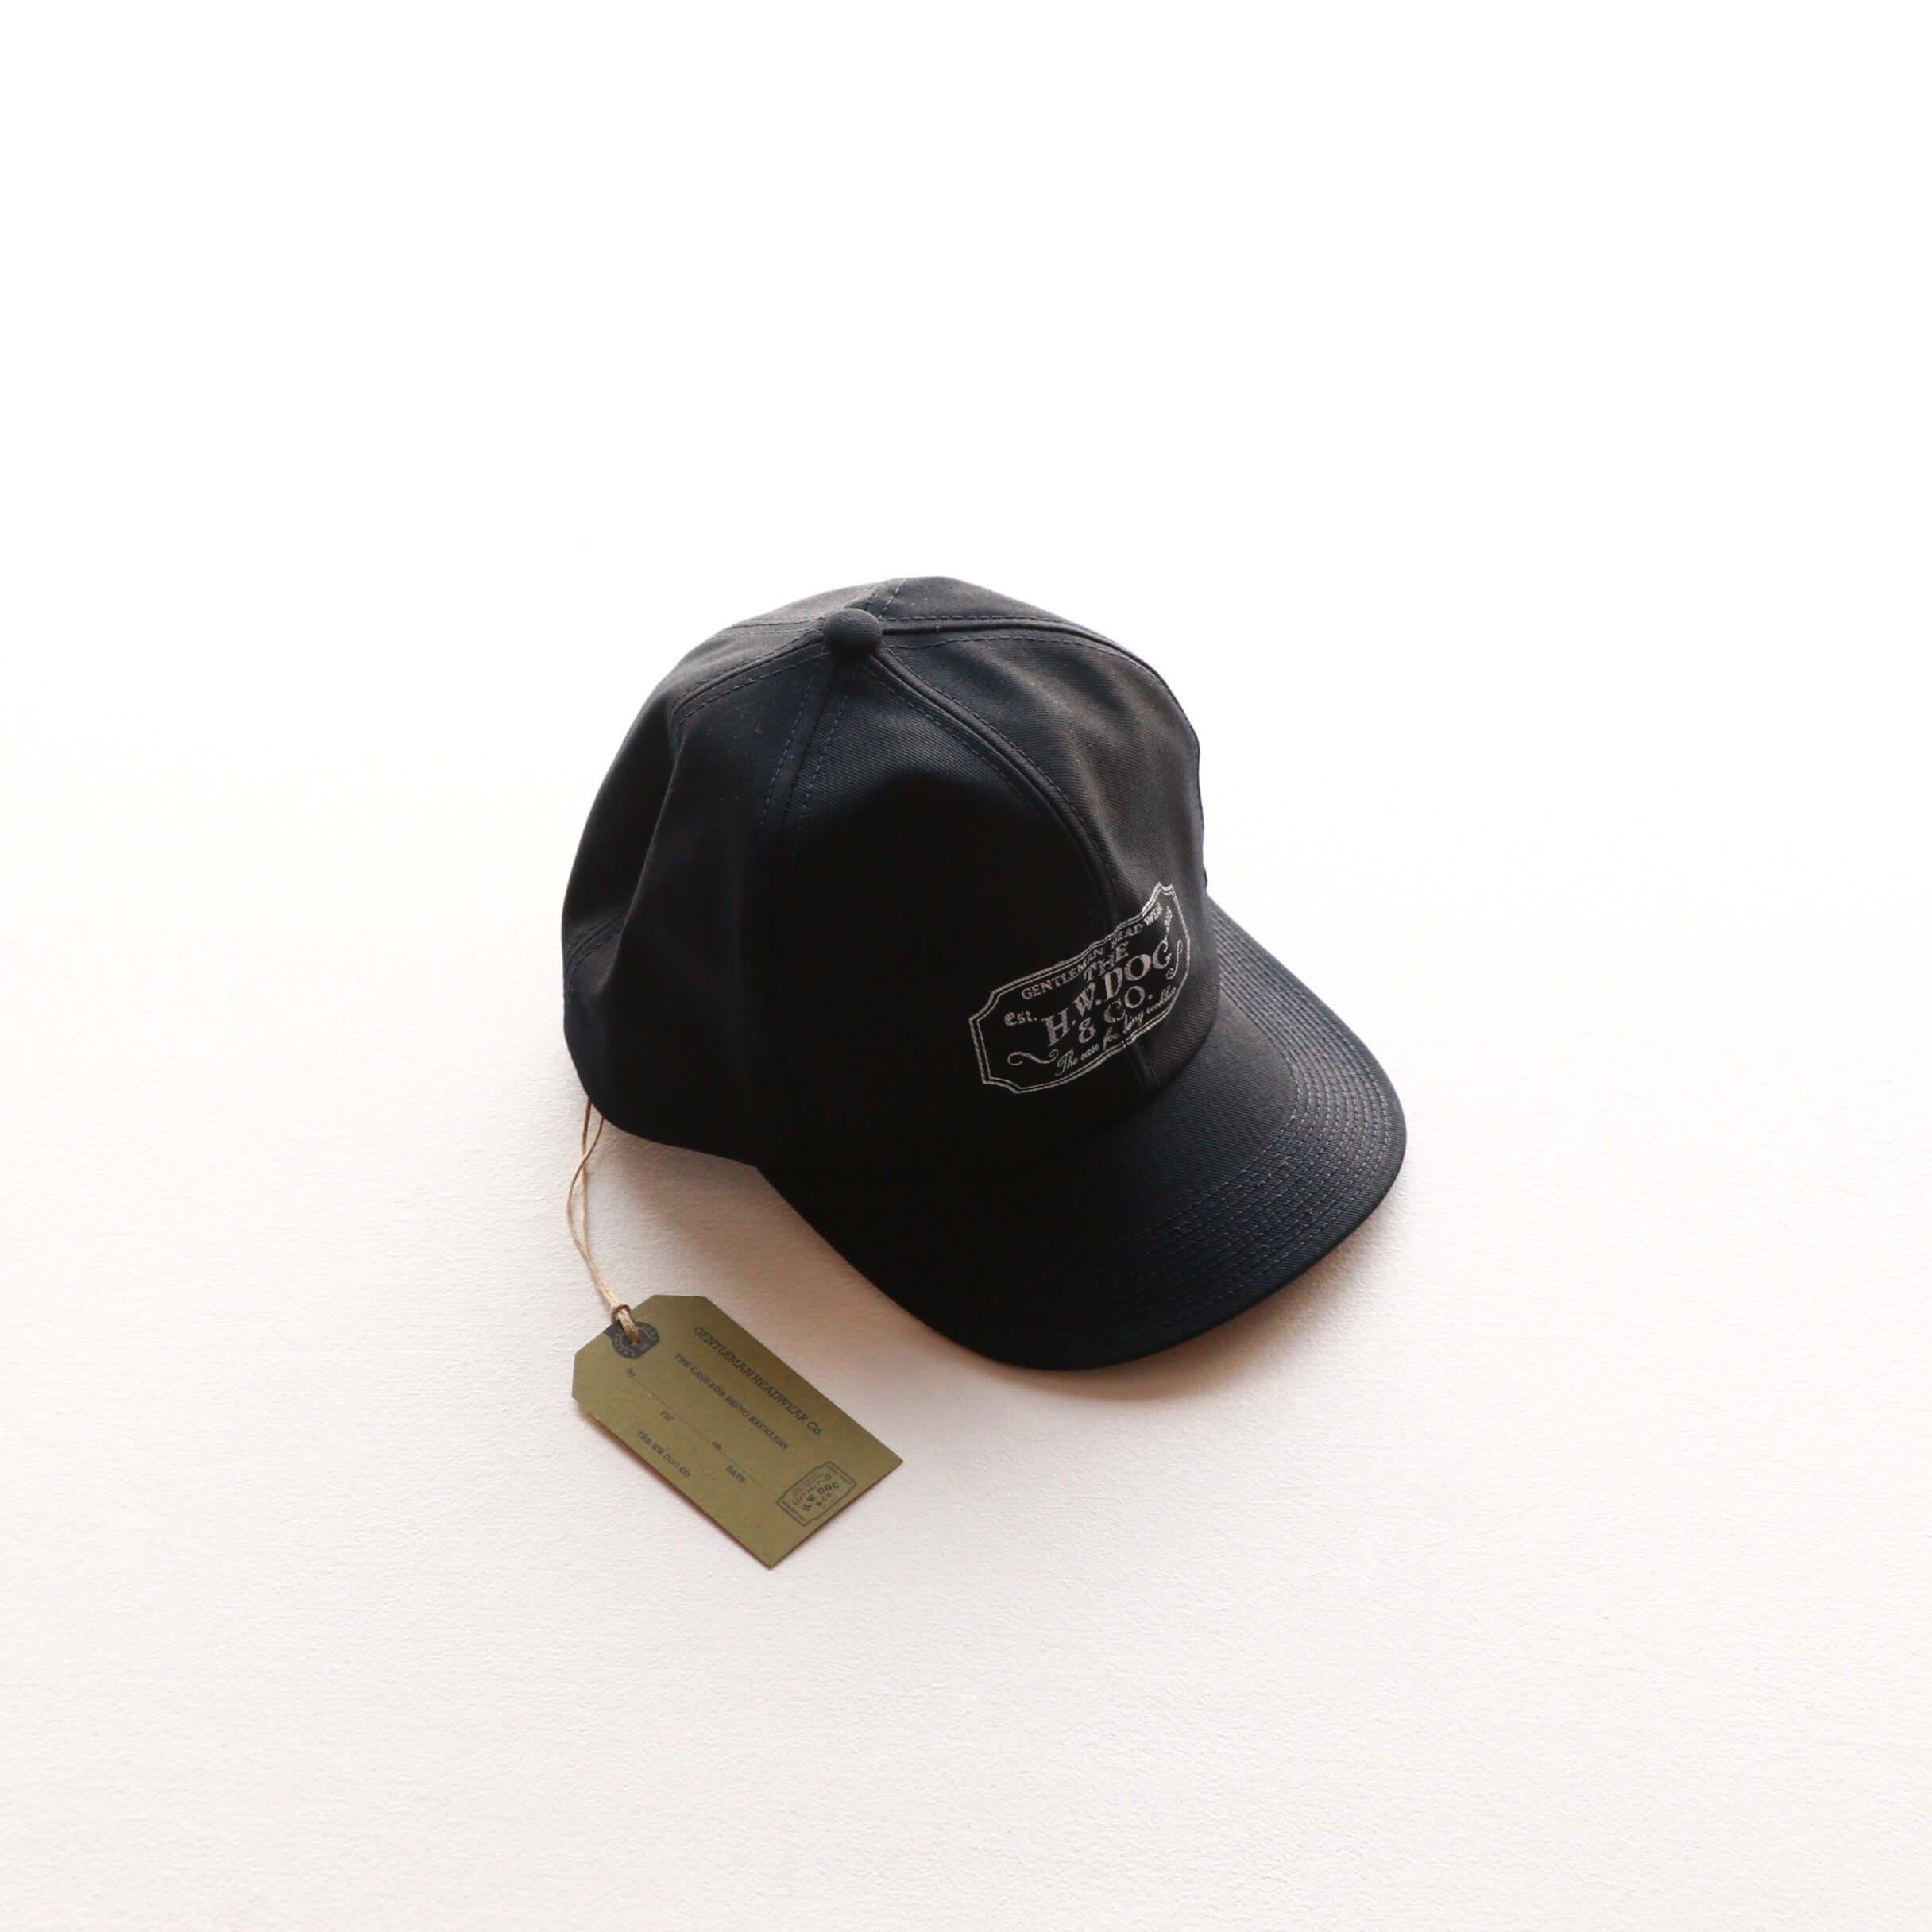 THE H.W.DOG&CO. ザ エイチ ダブリュー ドッグ アンド コー TRUCKER CAP トラッカーキャップ D-00004